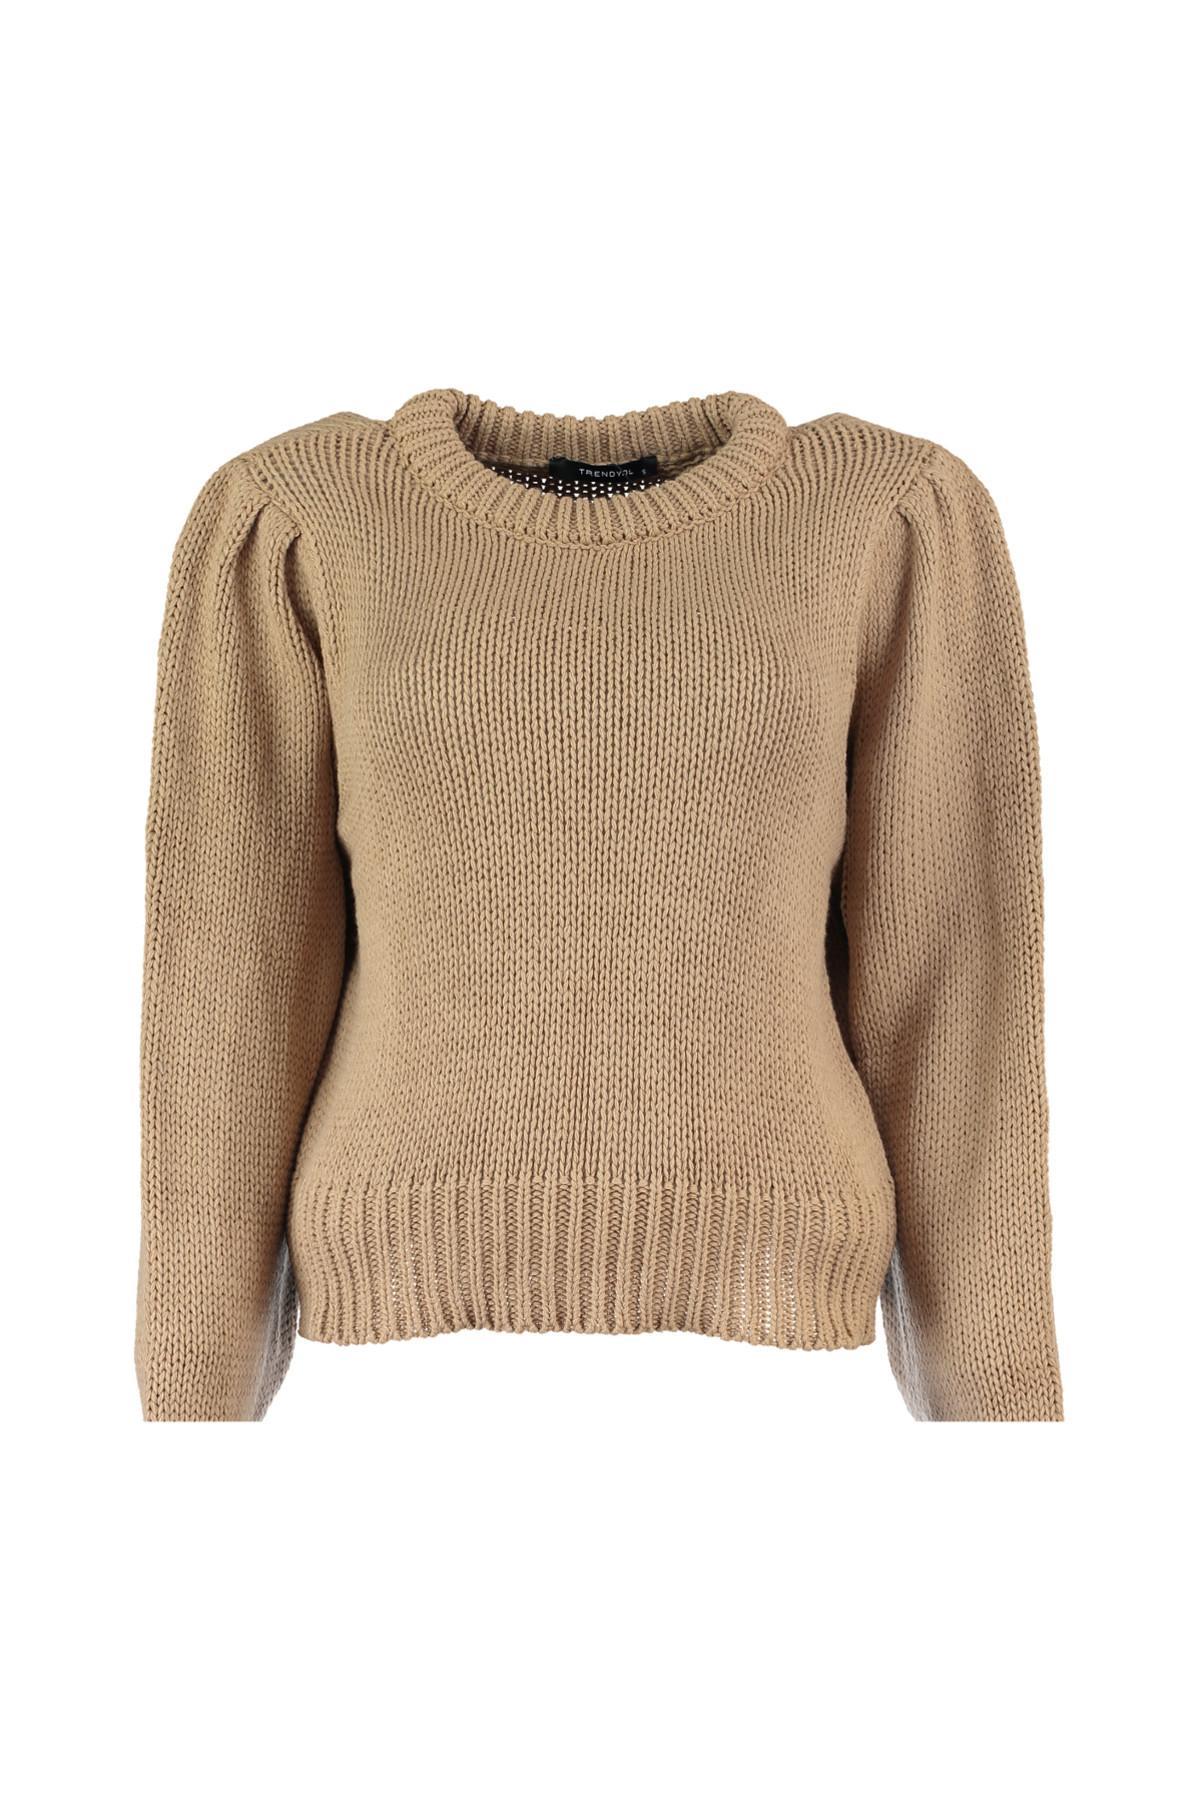 Trendyol WOMEN-Camel Handle Piliseli Knitwear Sweater TWOAW20ZA0022